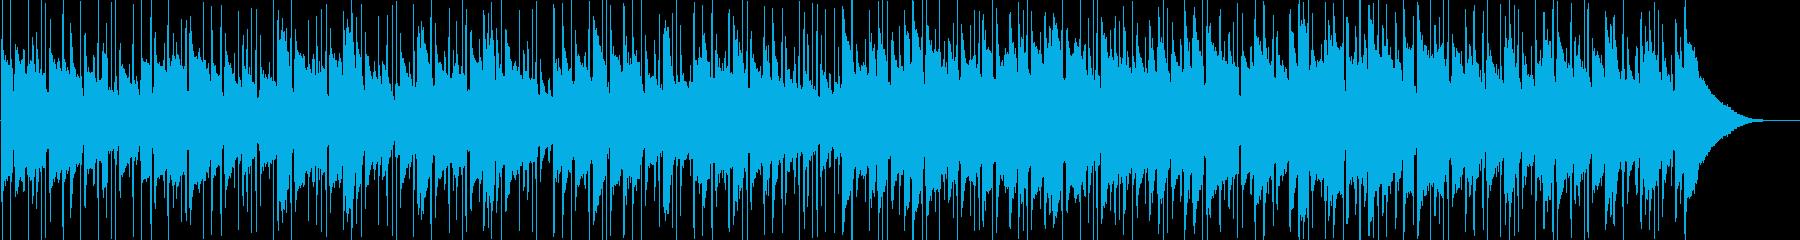 のんびりとした休日をイメージしたBGMの再生済みの波形